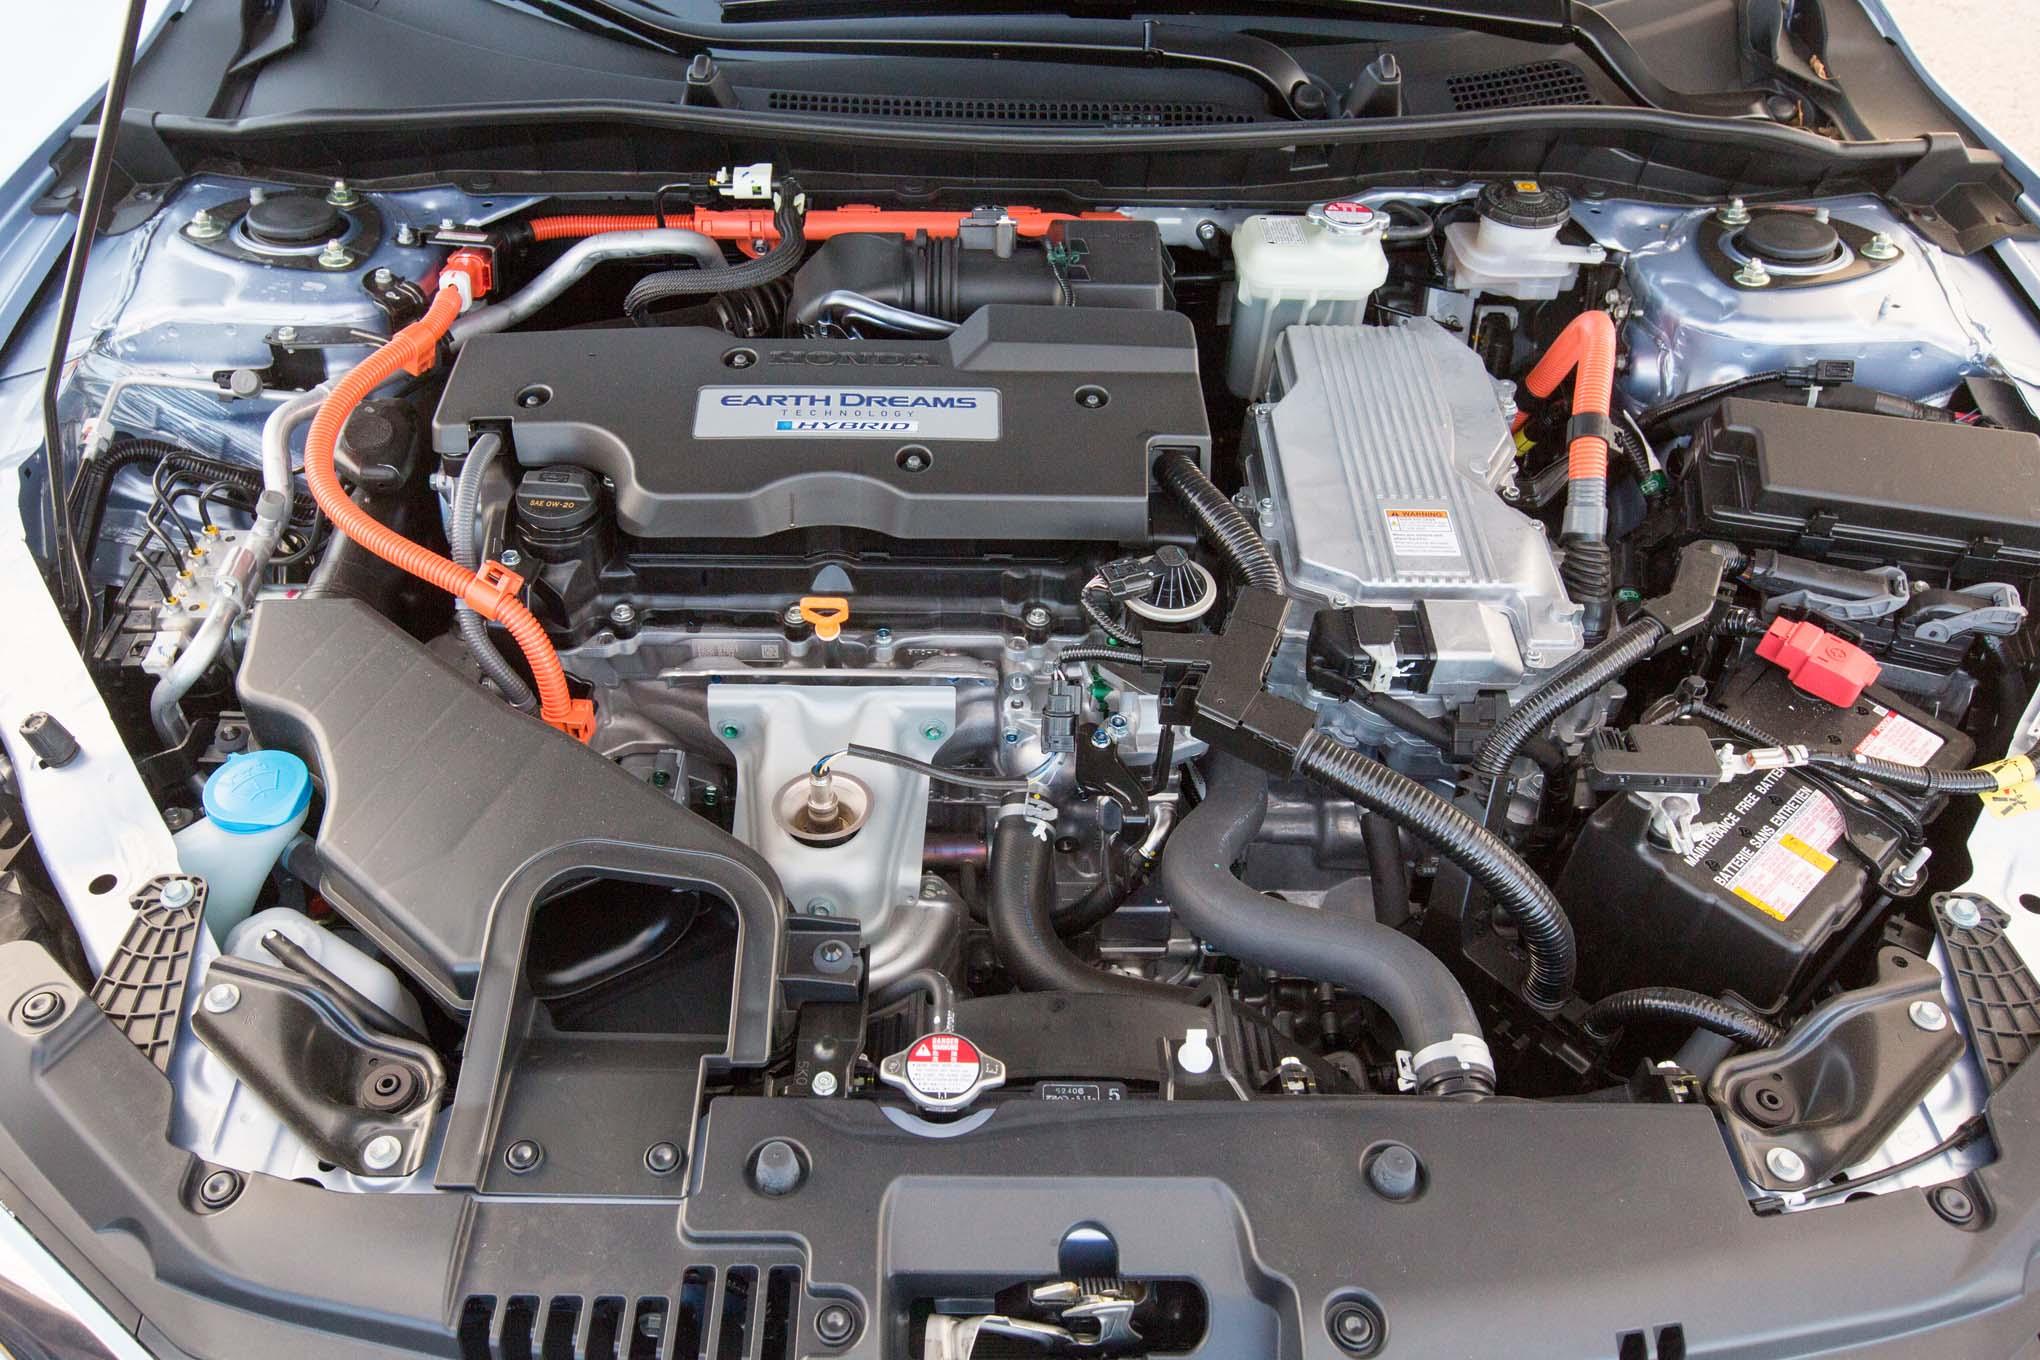 2017 Honda Accord Hybrid Touring Engine 1 7 Noviembre 2016